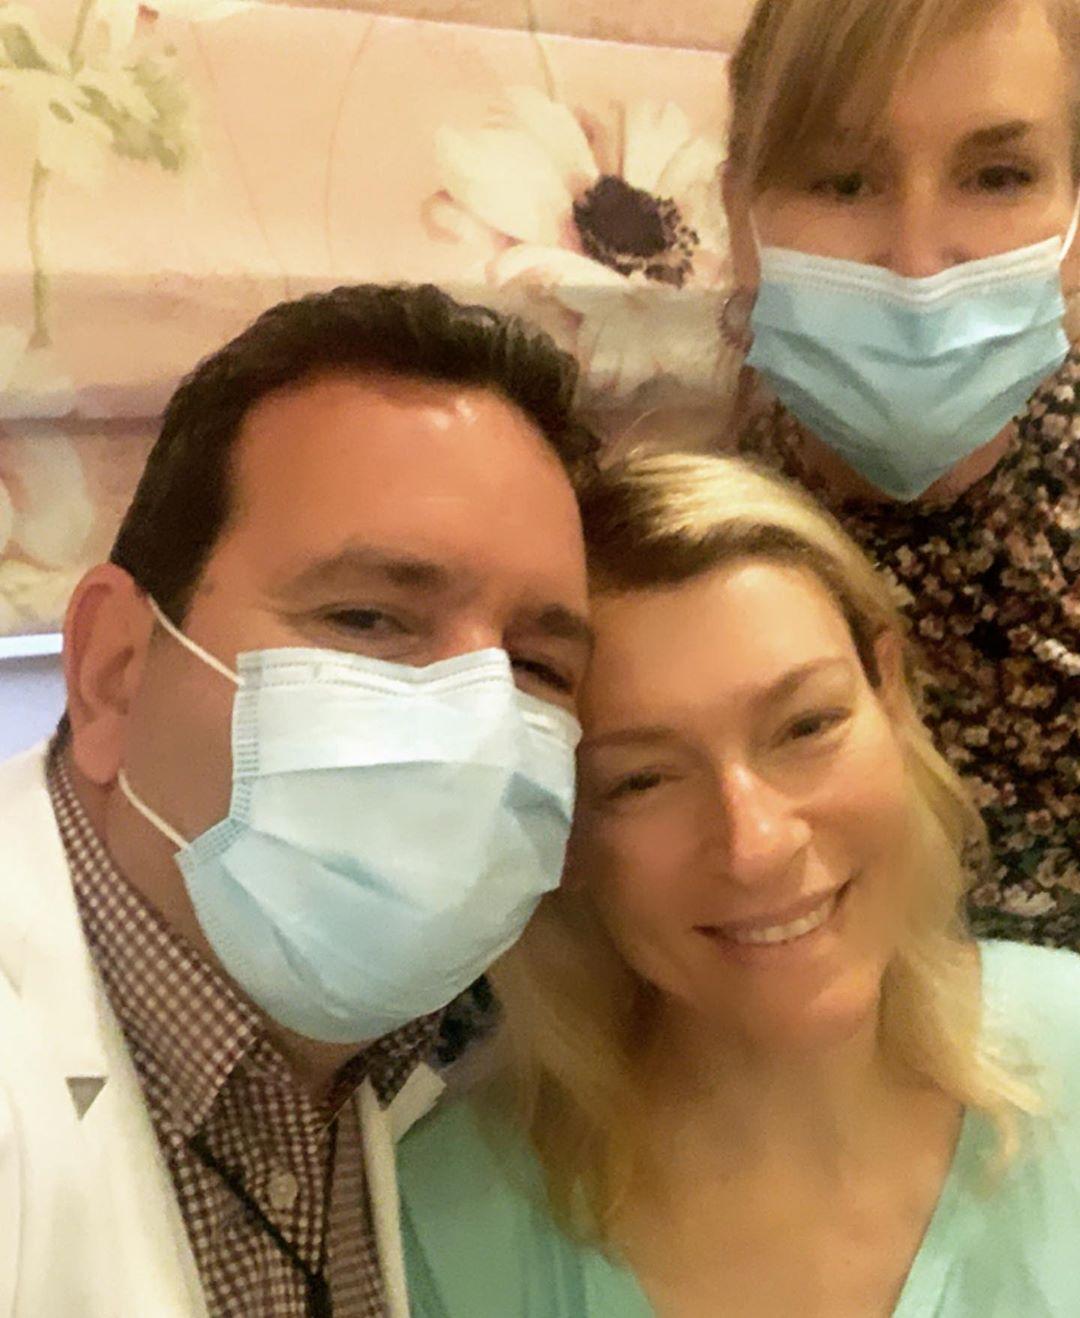 Στο χειρουργείο η Ζέτα Δούκα - «Η πρόληψη σώζει ζωές - Έπρεπε να αφαιρέσω κάτι…»